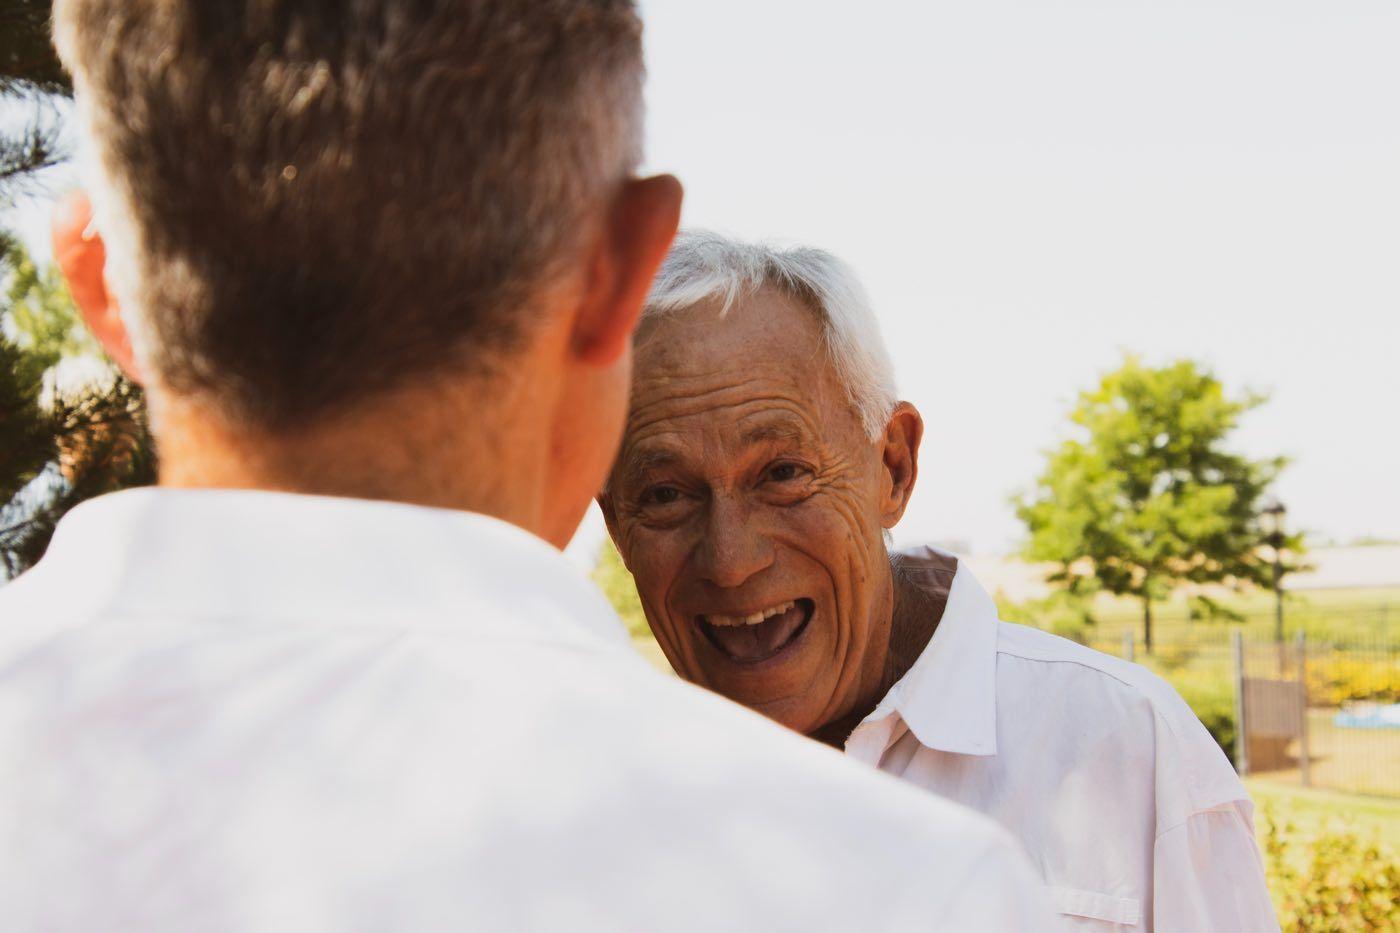 Zwei alte Männer, der eine lacht breit Richtung Kamera, der andere nur von hinten zu sehen